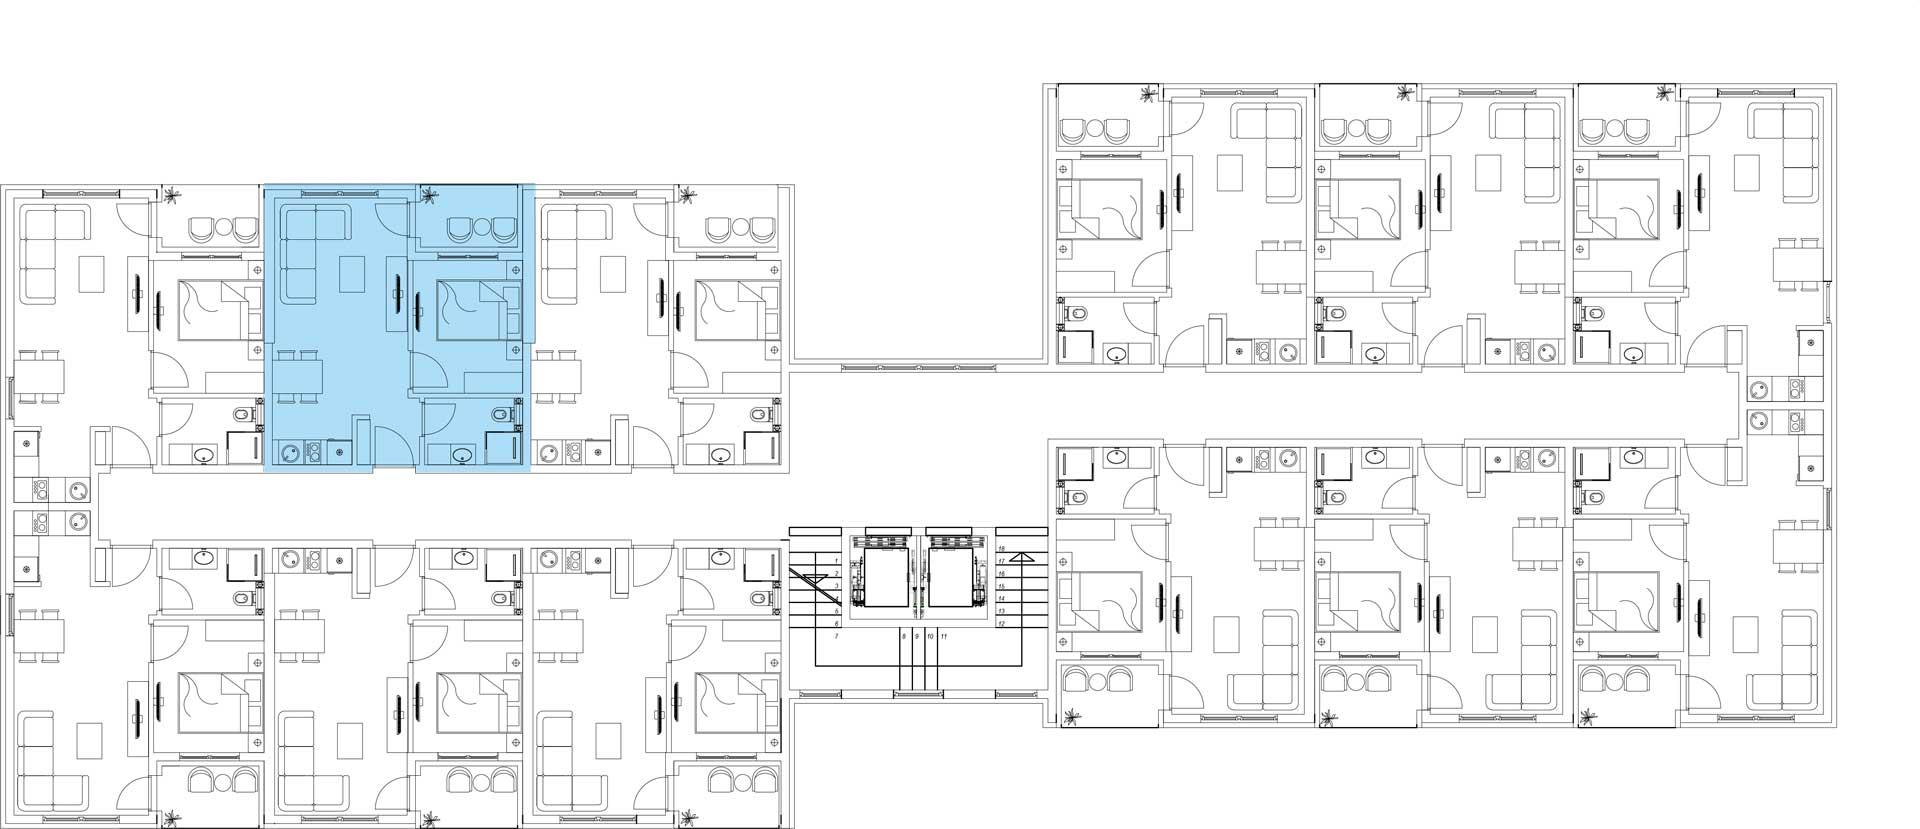 Orjentacija-stambenih-jedinica--14,-26,-38,-50,-62,-74,-86